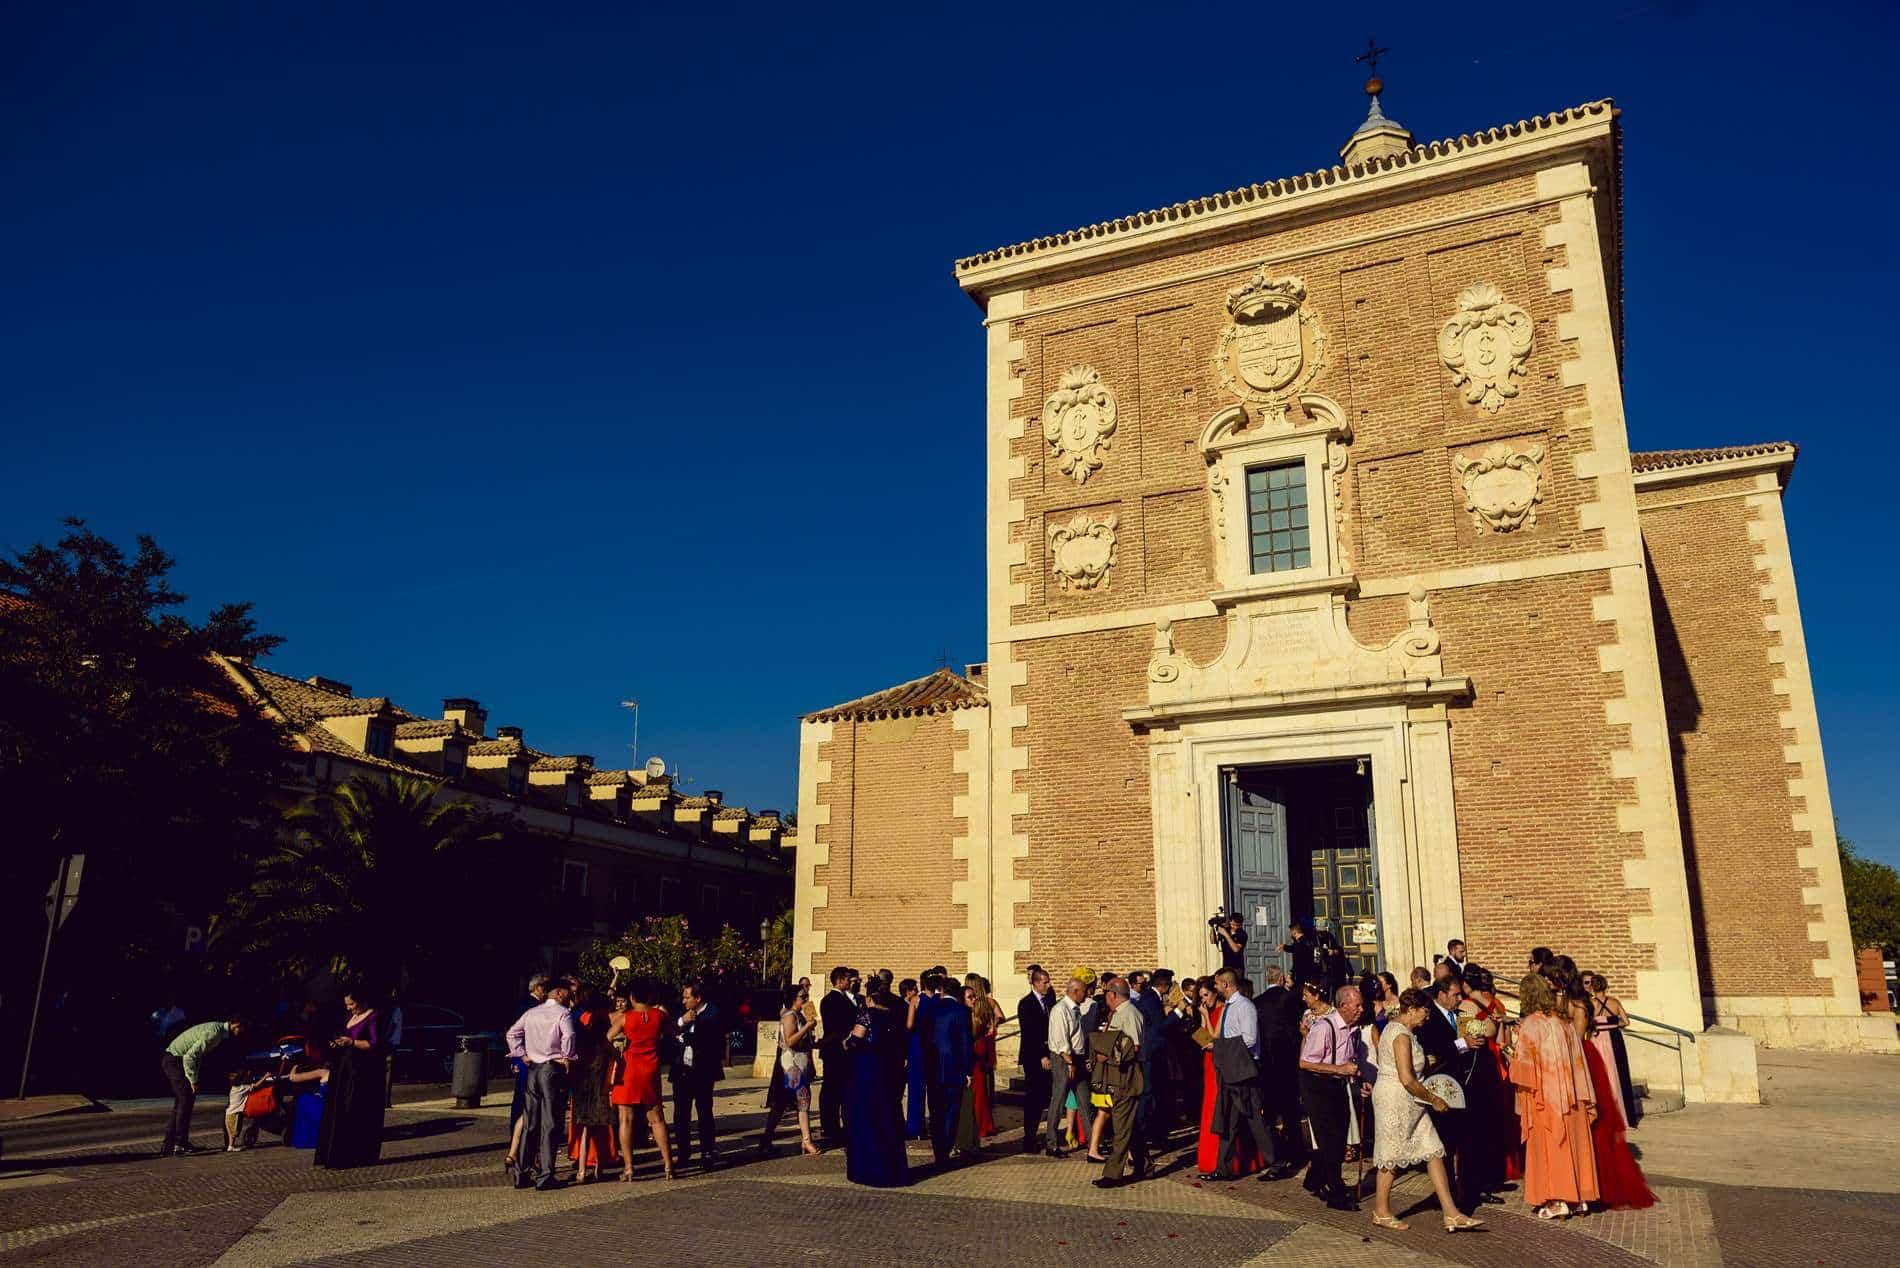 Boda en Aranjuez - Parroquia Nuestra Señora de las Angustias